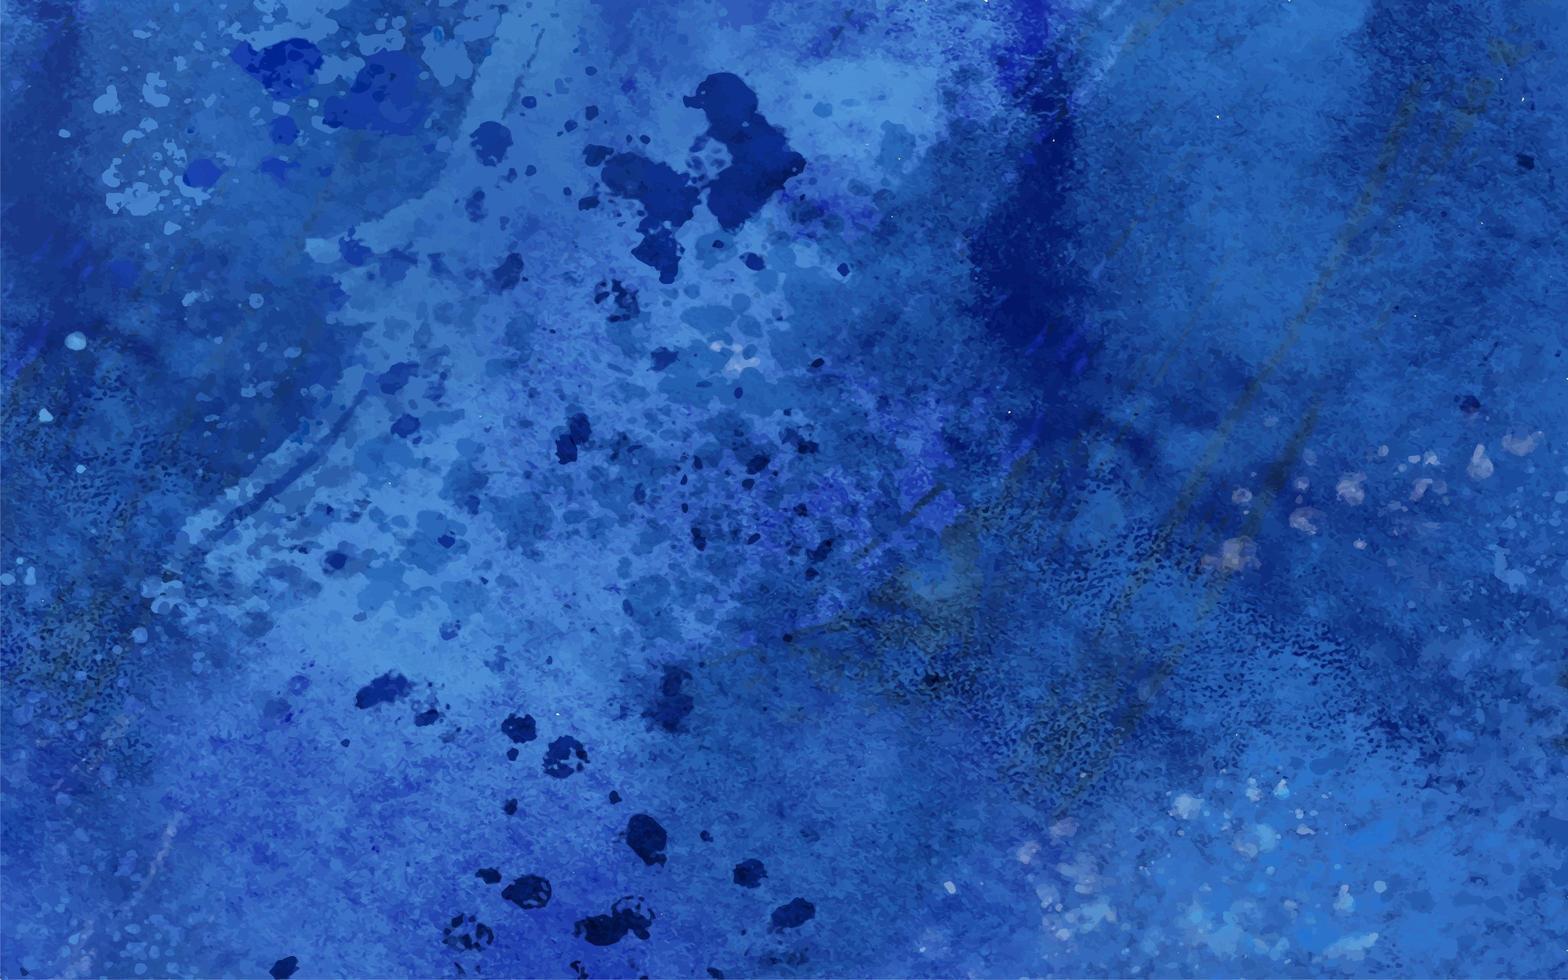 blauwe aquarel vlekken en druppels vector